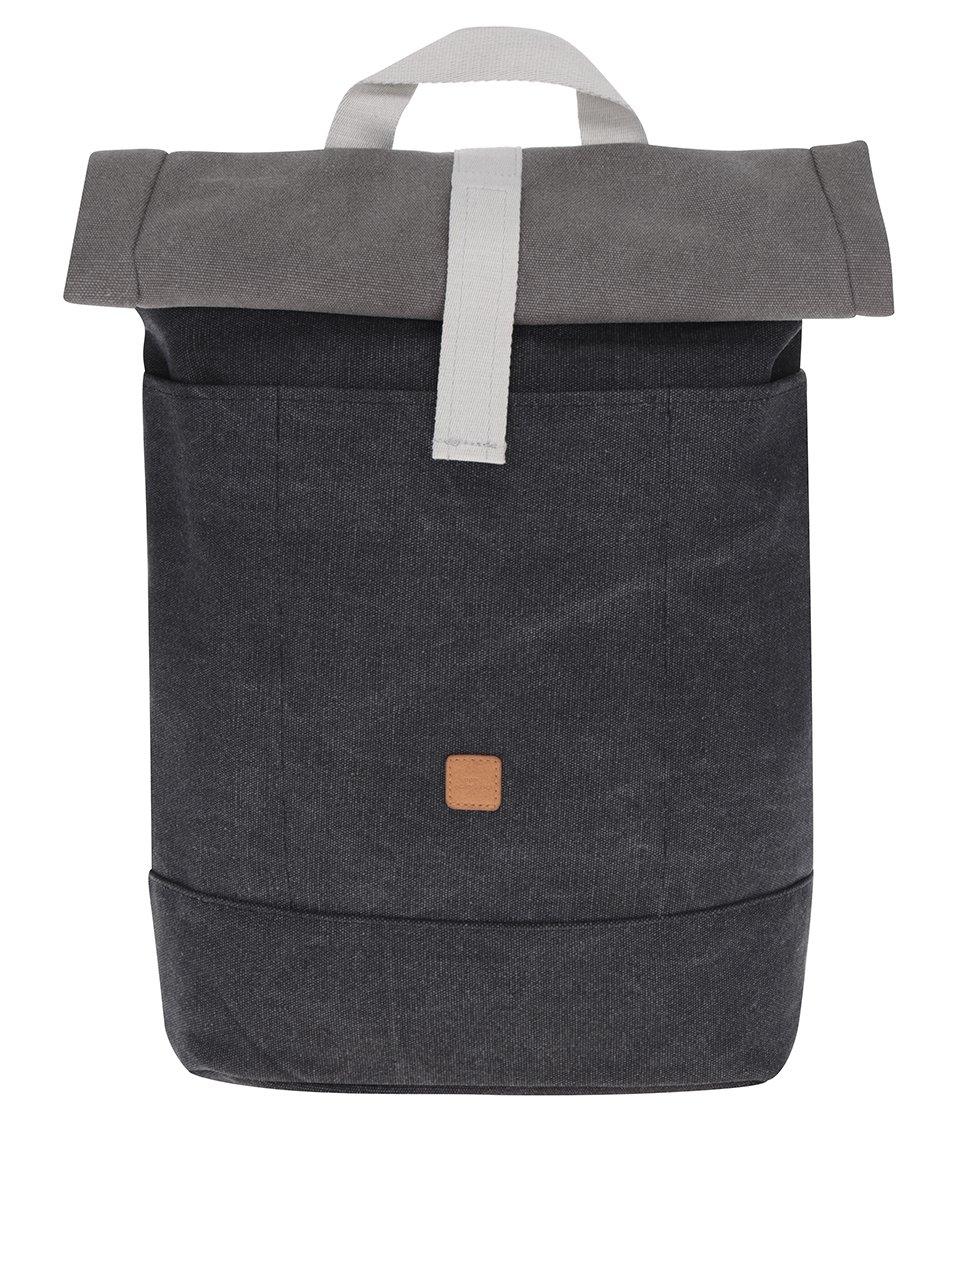 Tmavě šedý voděodolný unisex batoh Ringo Ucon 20 l